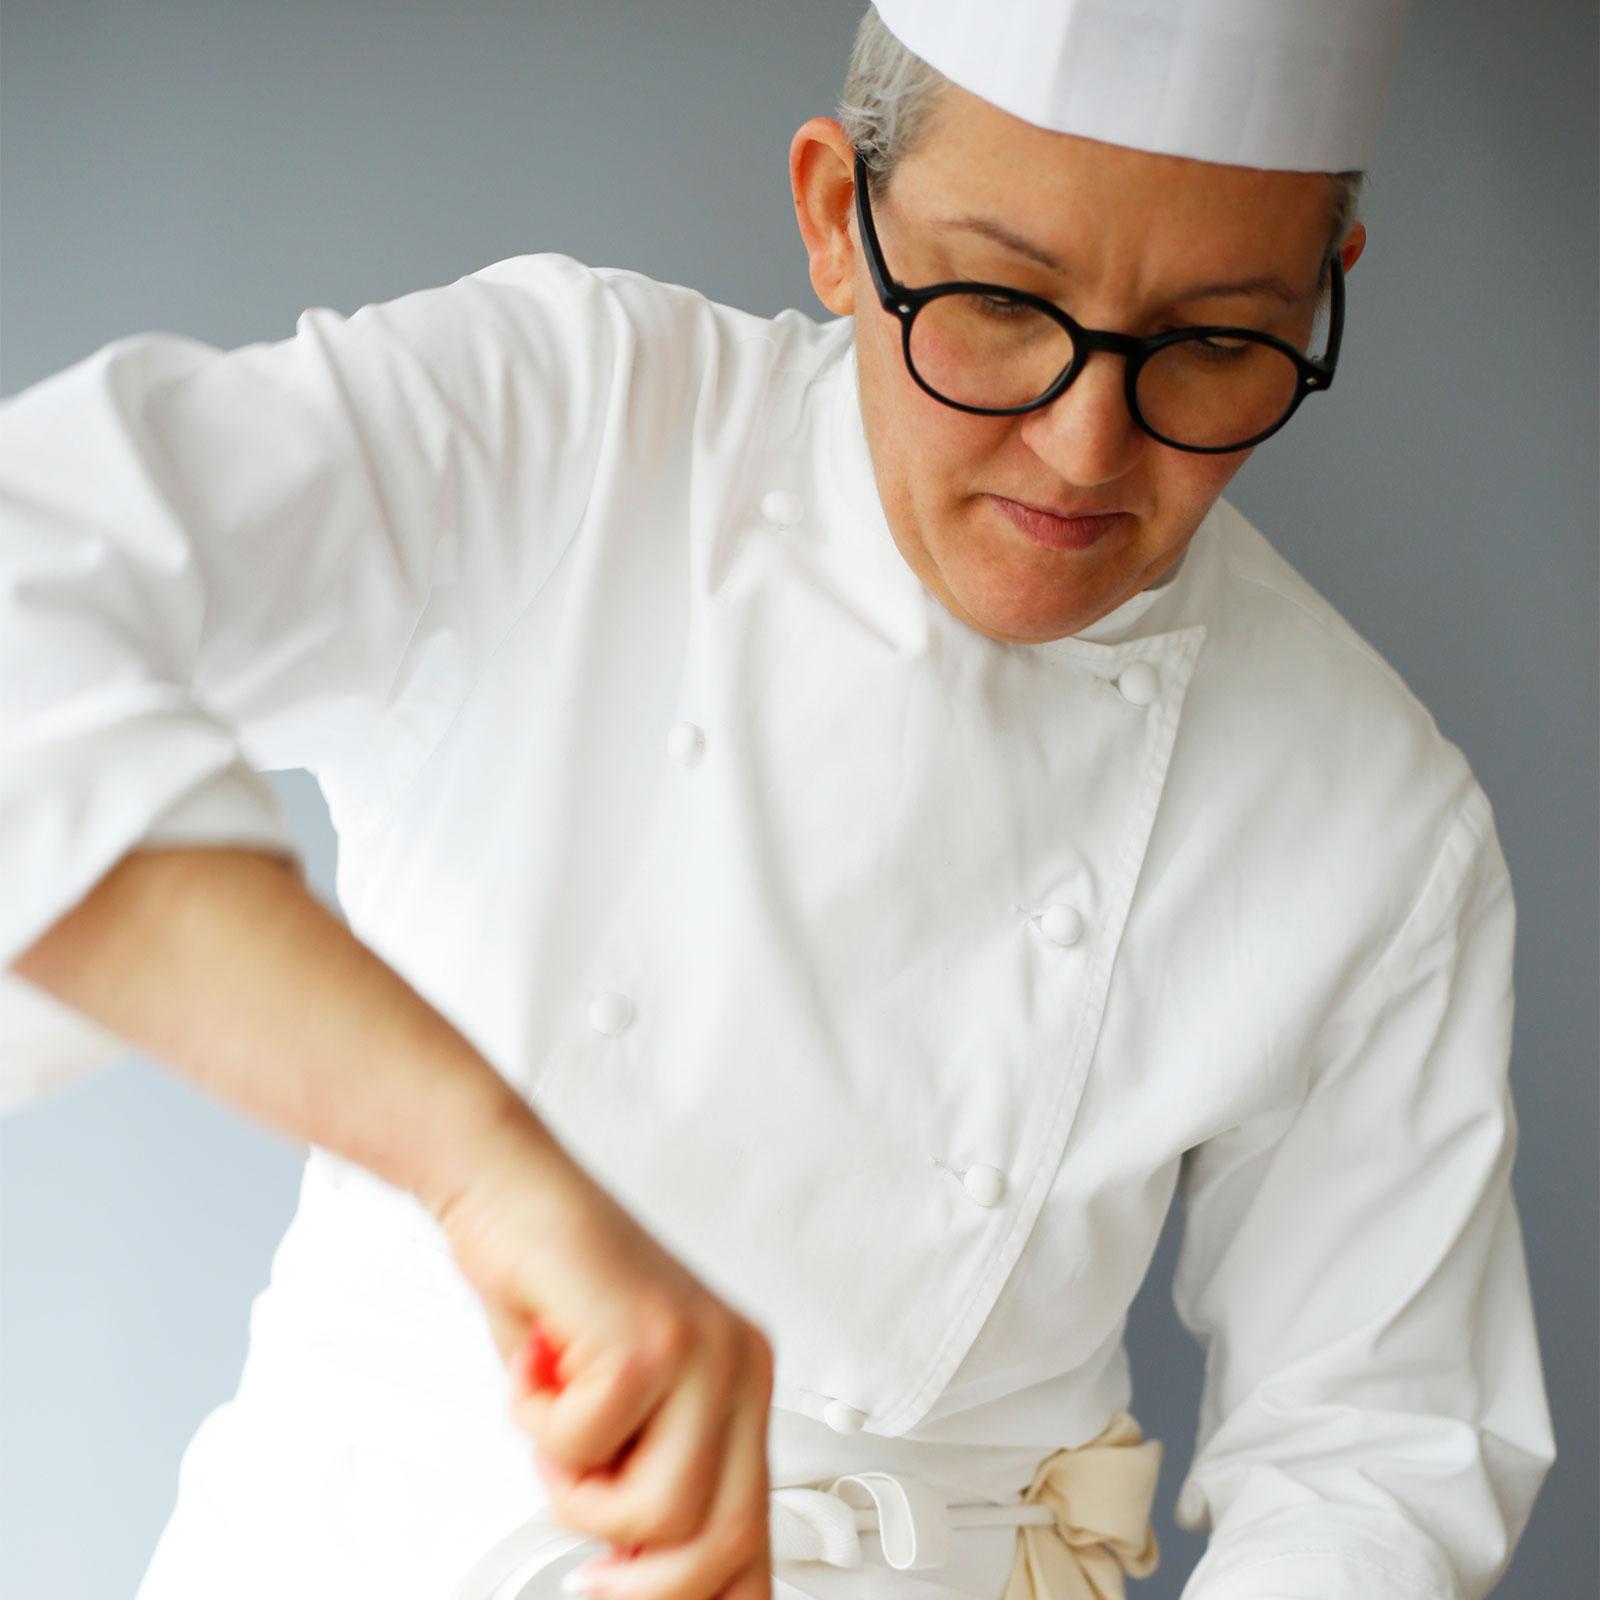 Chef Ristorante Le Corderie